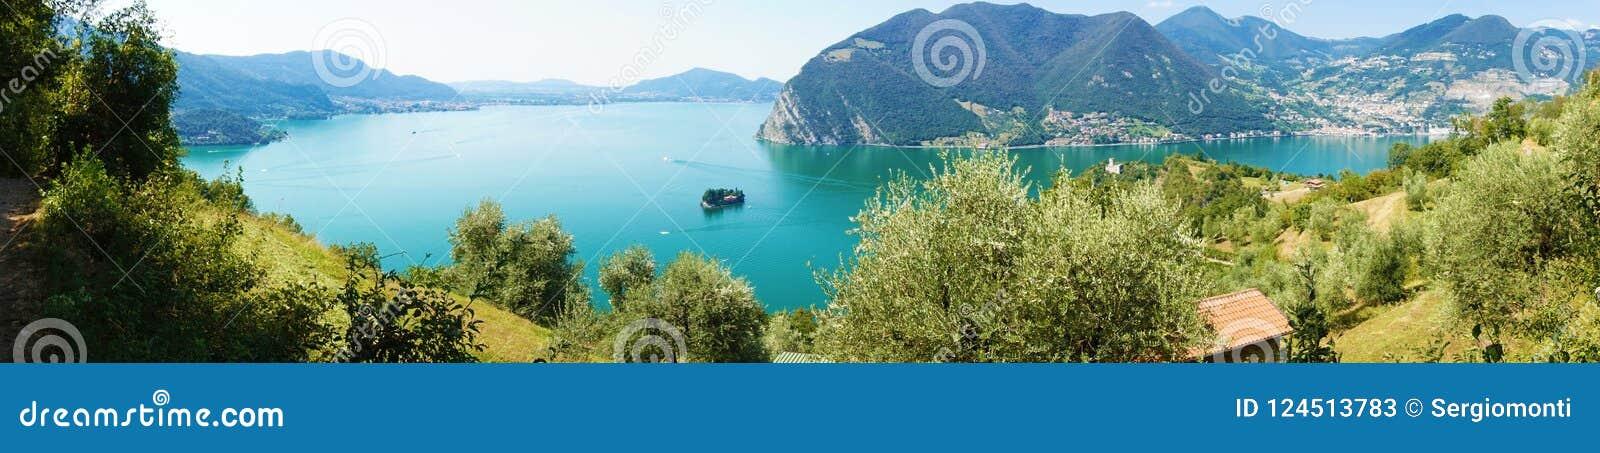 Panoramautsikt av bergsjön med ön i mitt Panorama från Monte Isola Island med sjön Iseo italiensk liggande